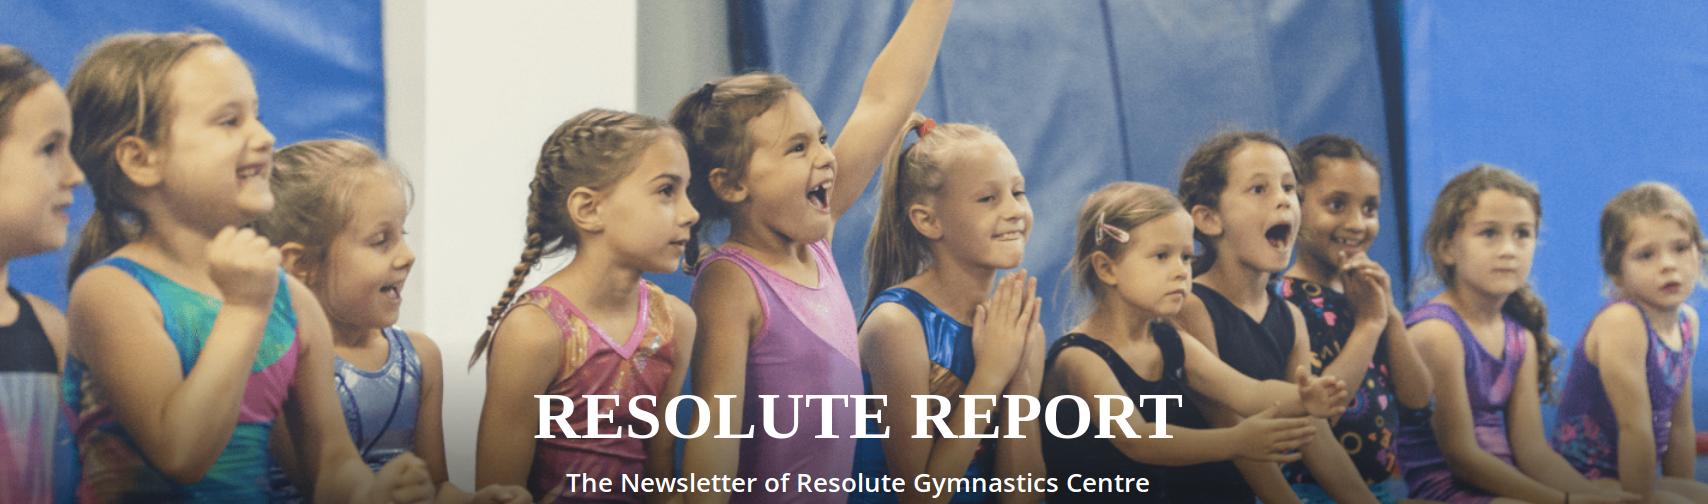 RESOLUTE REPORT